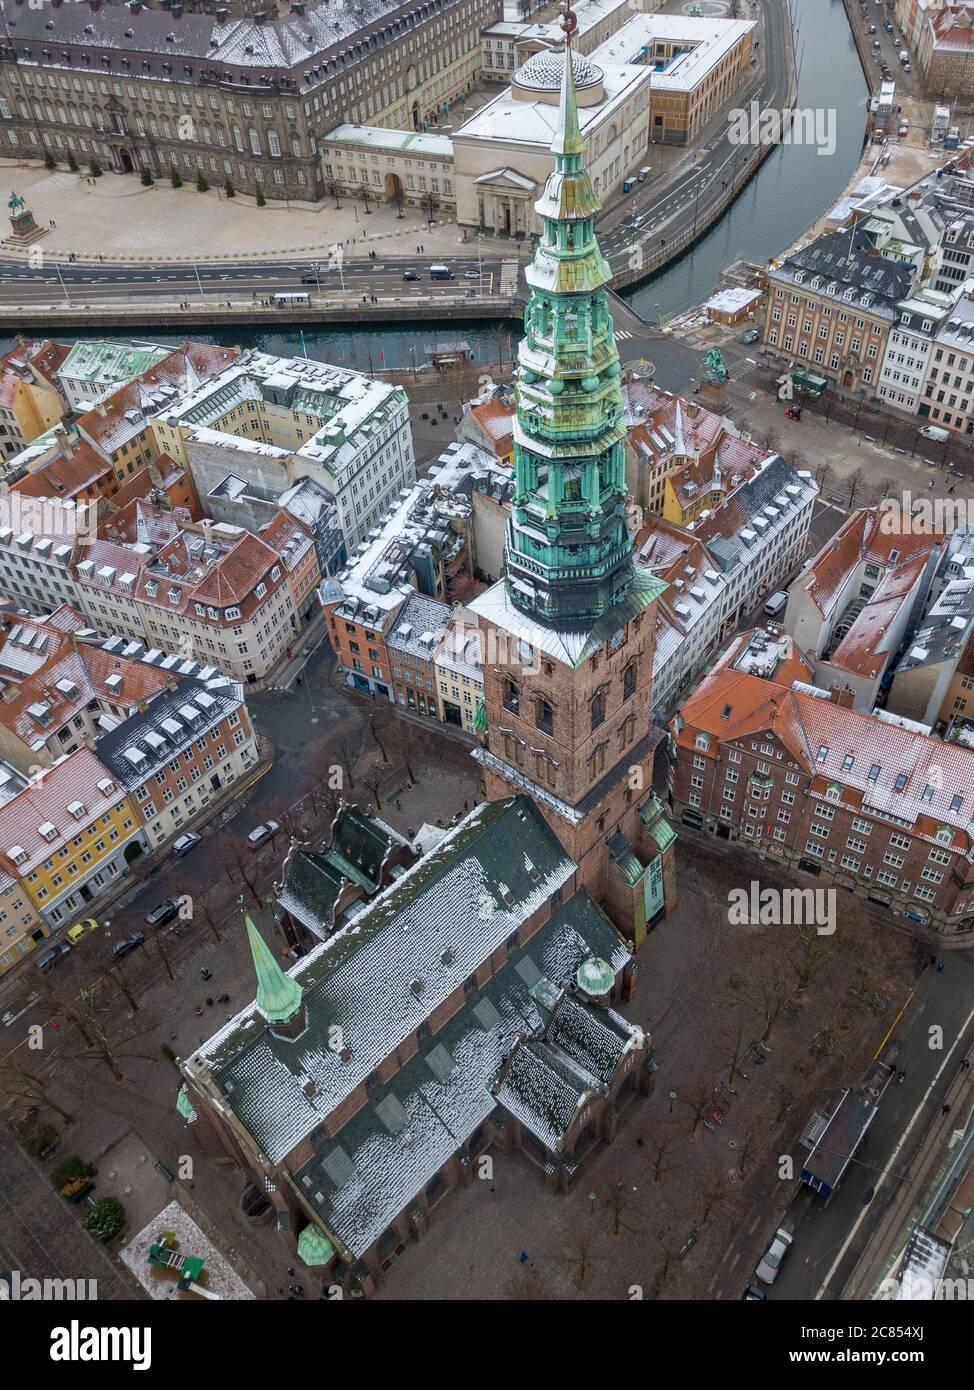 Copenhague, Dinamarca - Diciembre 24 2018: Una fotografía aérea del Centro de Arte Contemporáneo Nikolaj Kunsthal, ubicado en la antigua iglesia de San Nicolás Foto de stock